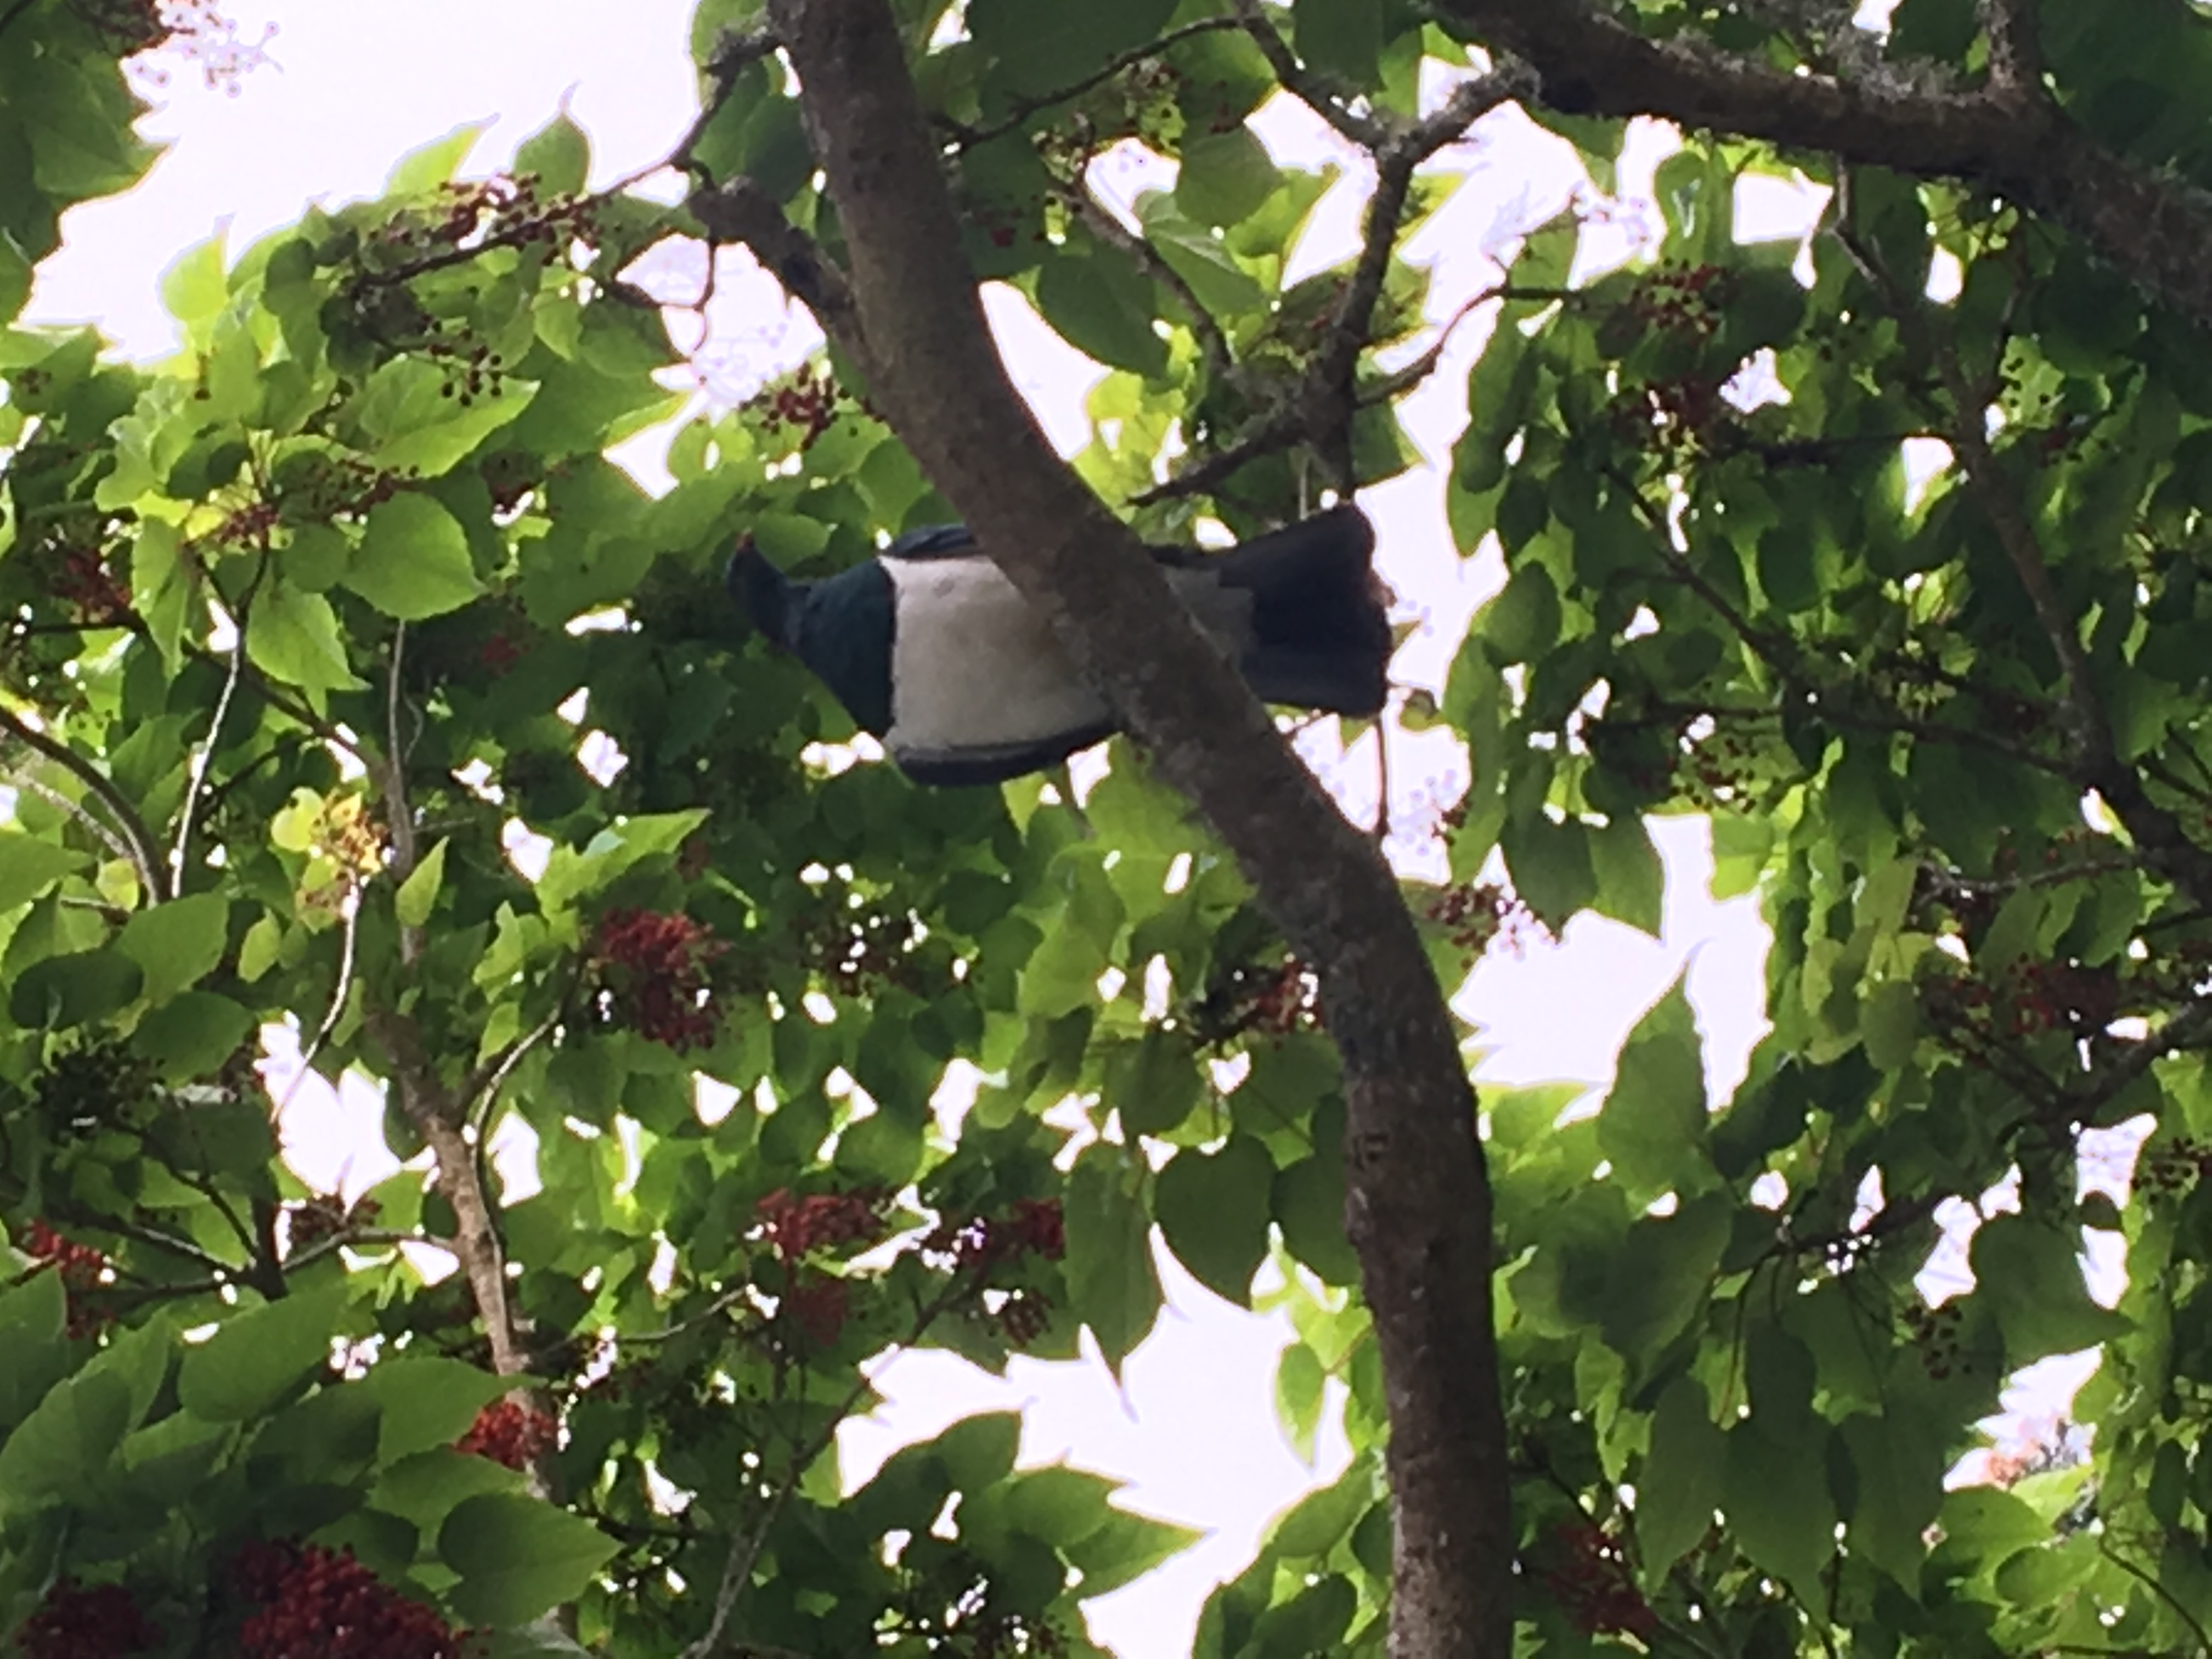 Kereru - Wood Pigeon